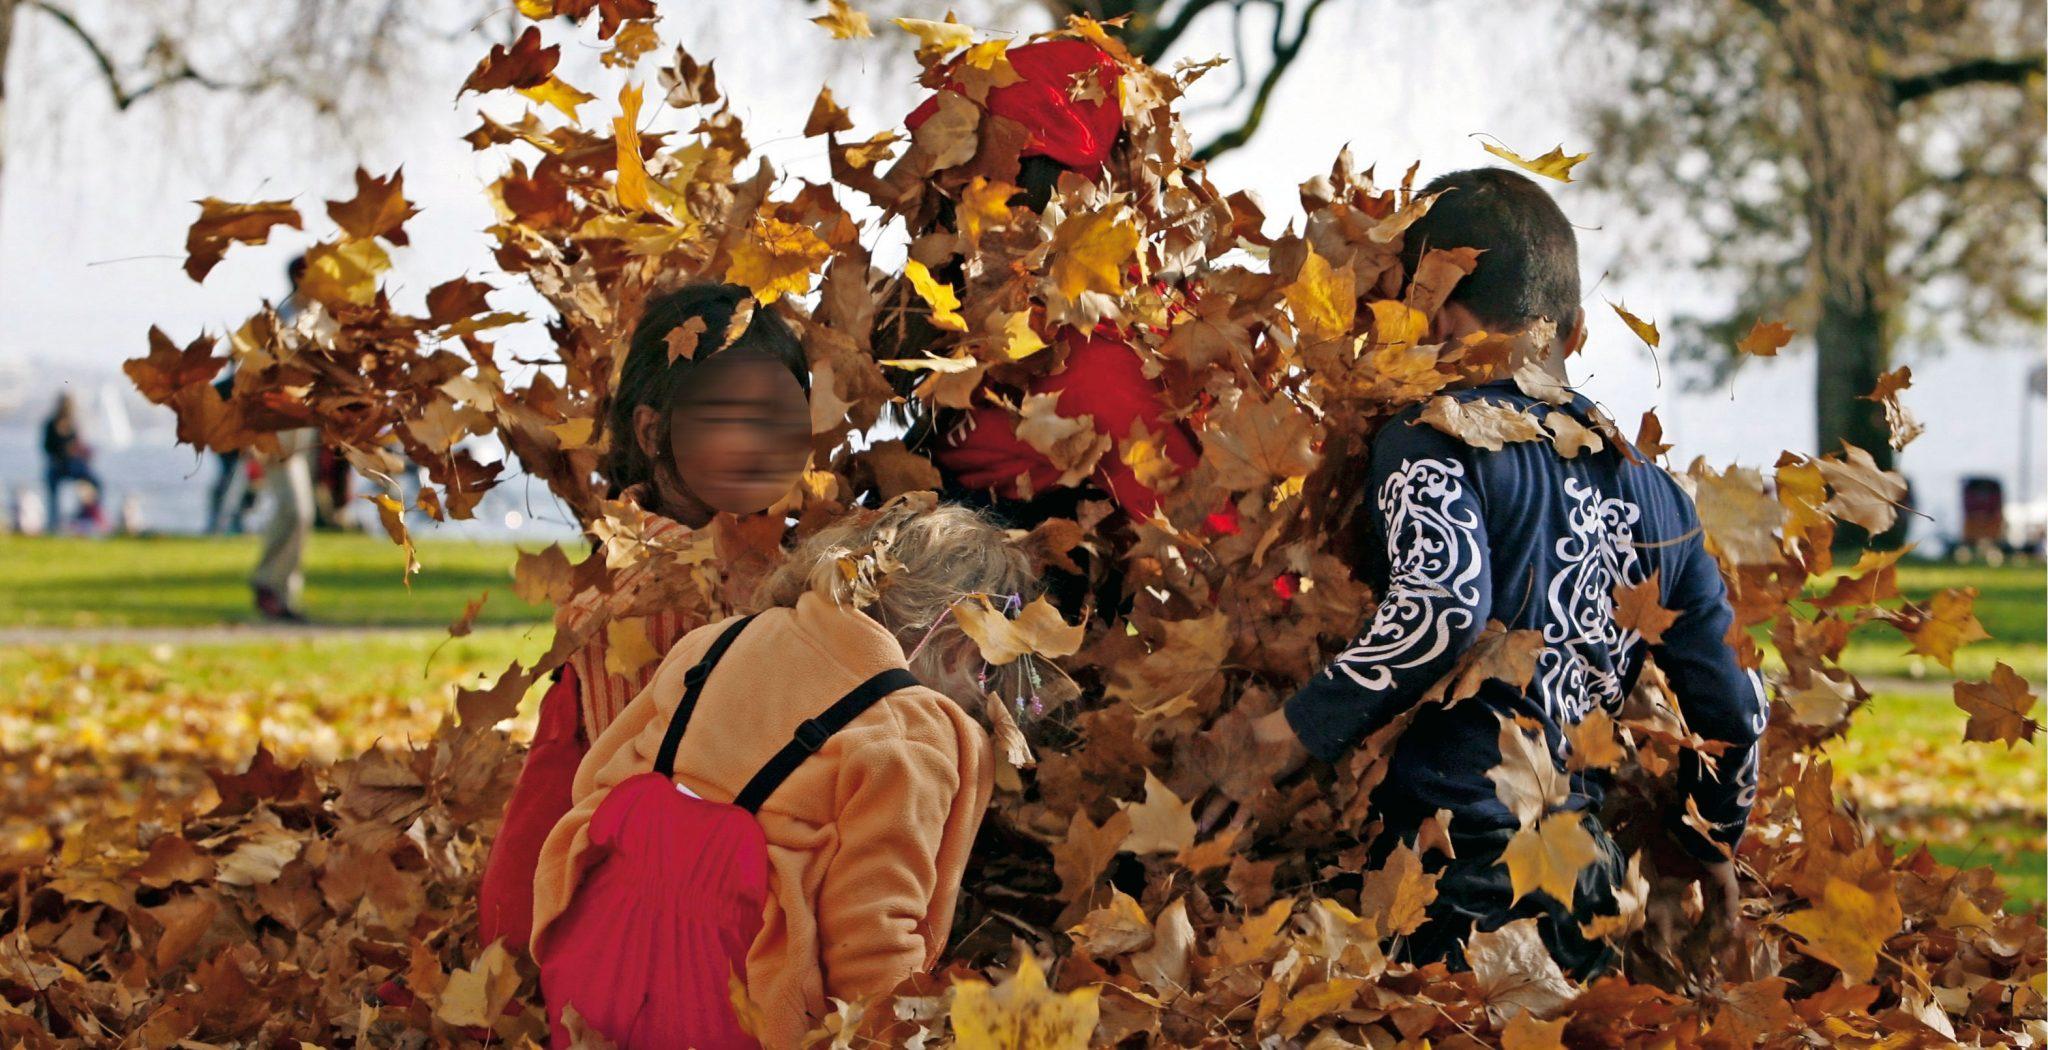 Varios niños juegan con hojas secas